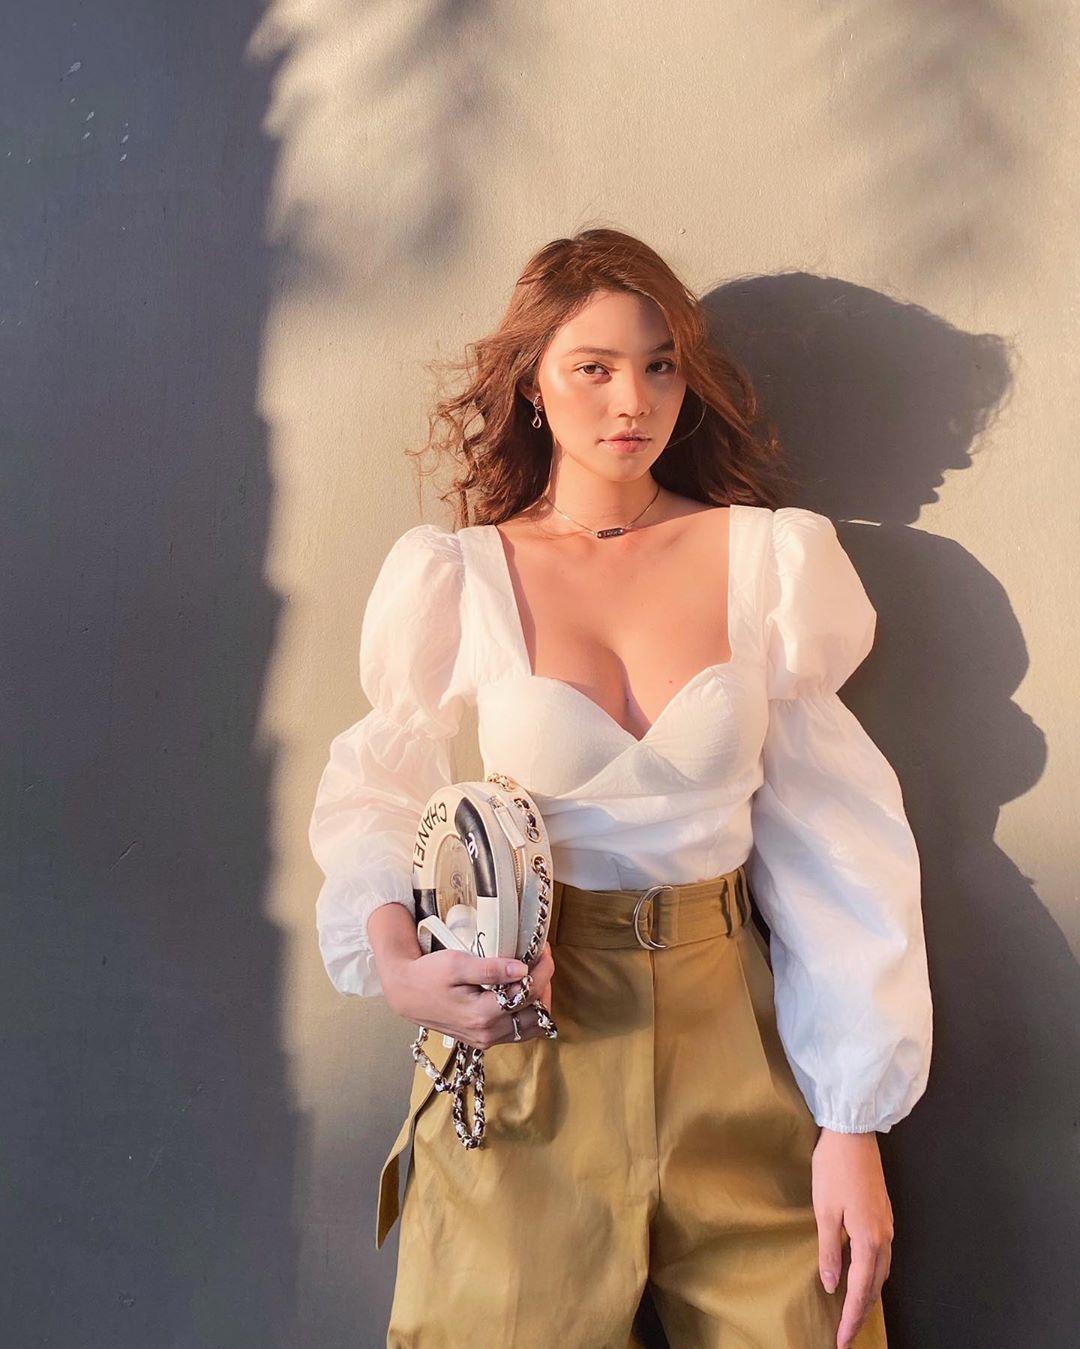 Kiểu áo vừa sexy vừa sang chảnh đang được các quý cô châu Á thi nhau diện, bạn còn chưa update thì thật có lỗi với tủ đồ - Ảnh 3.